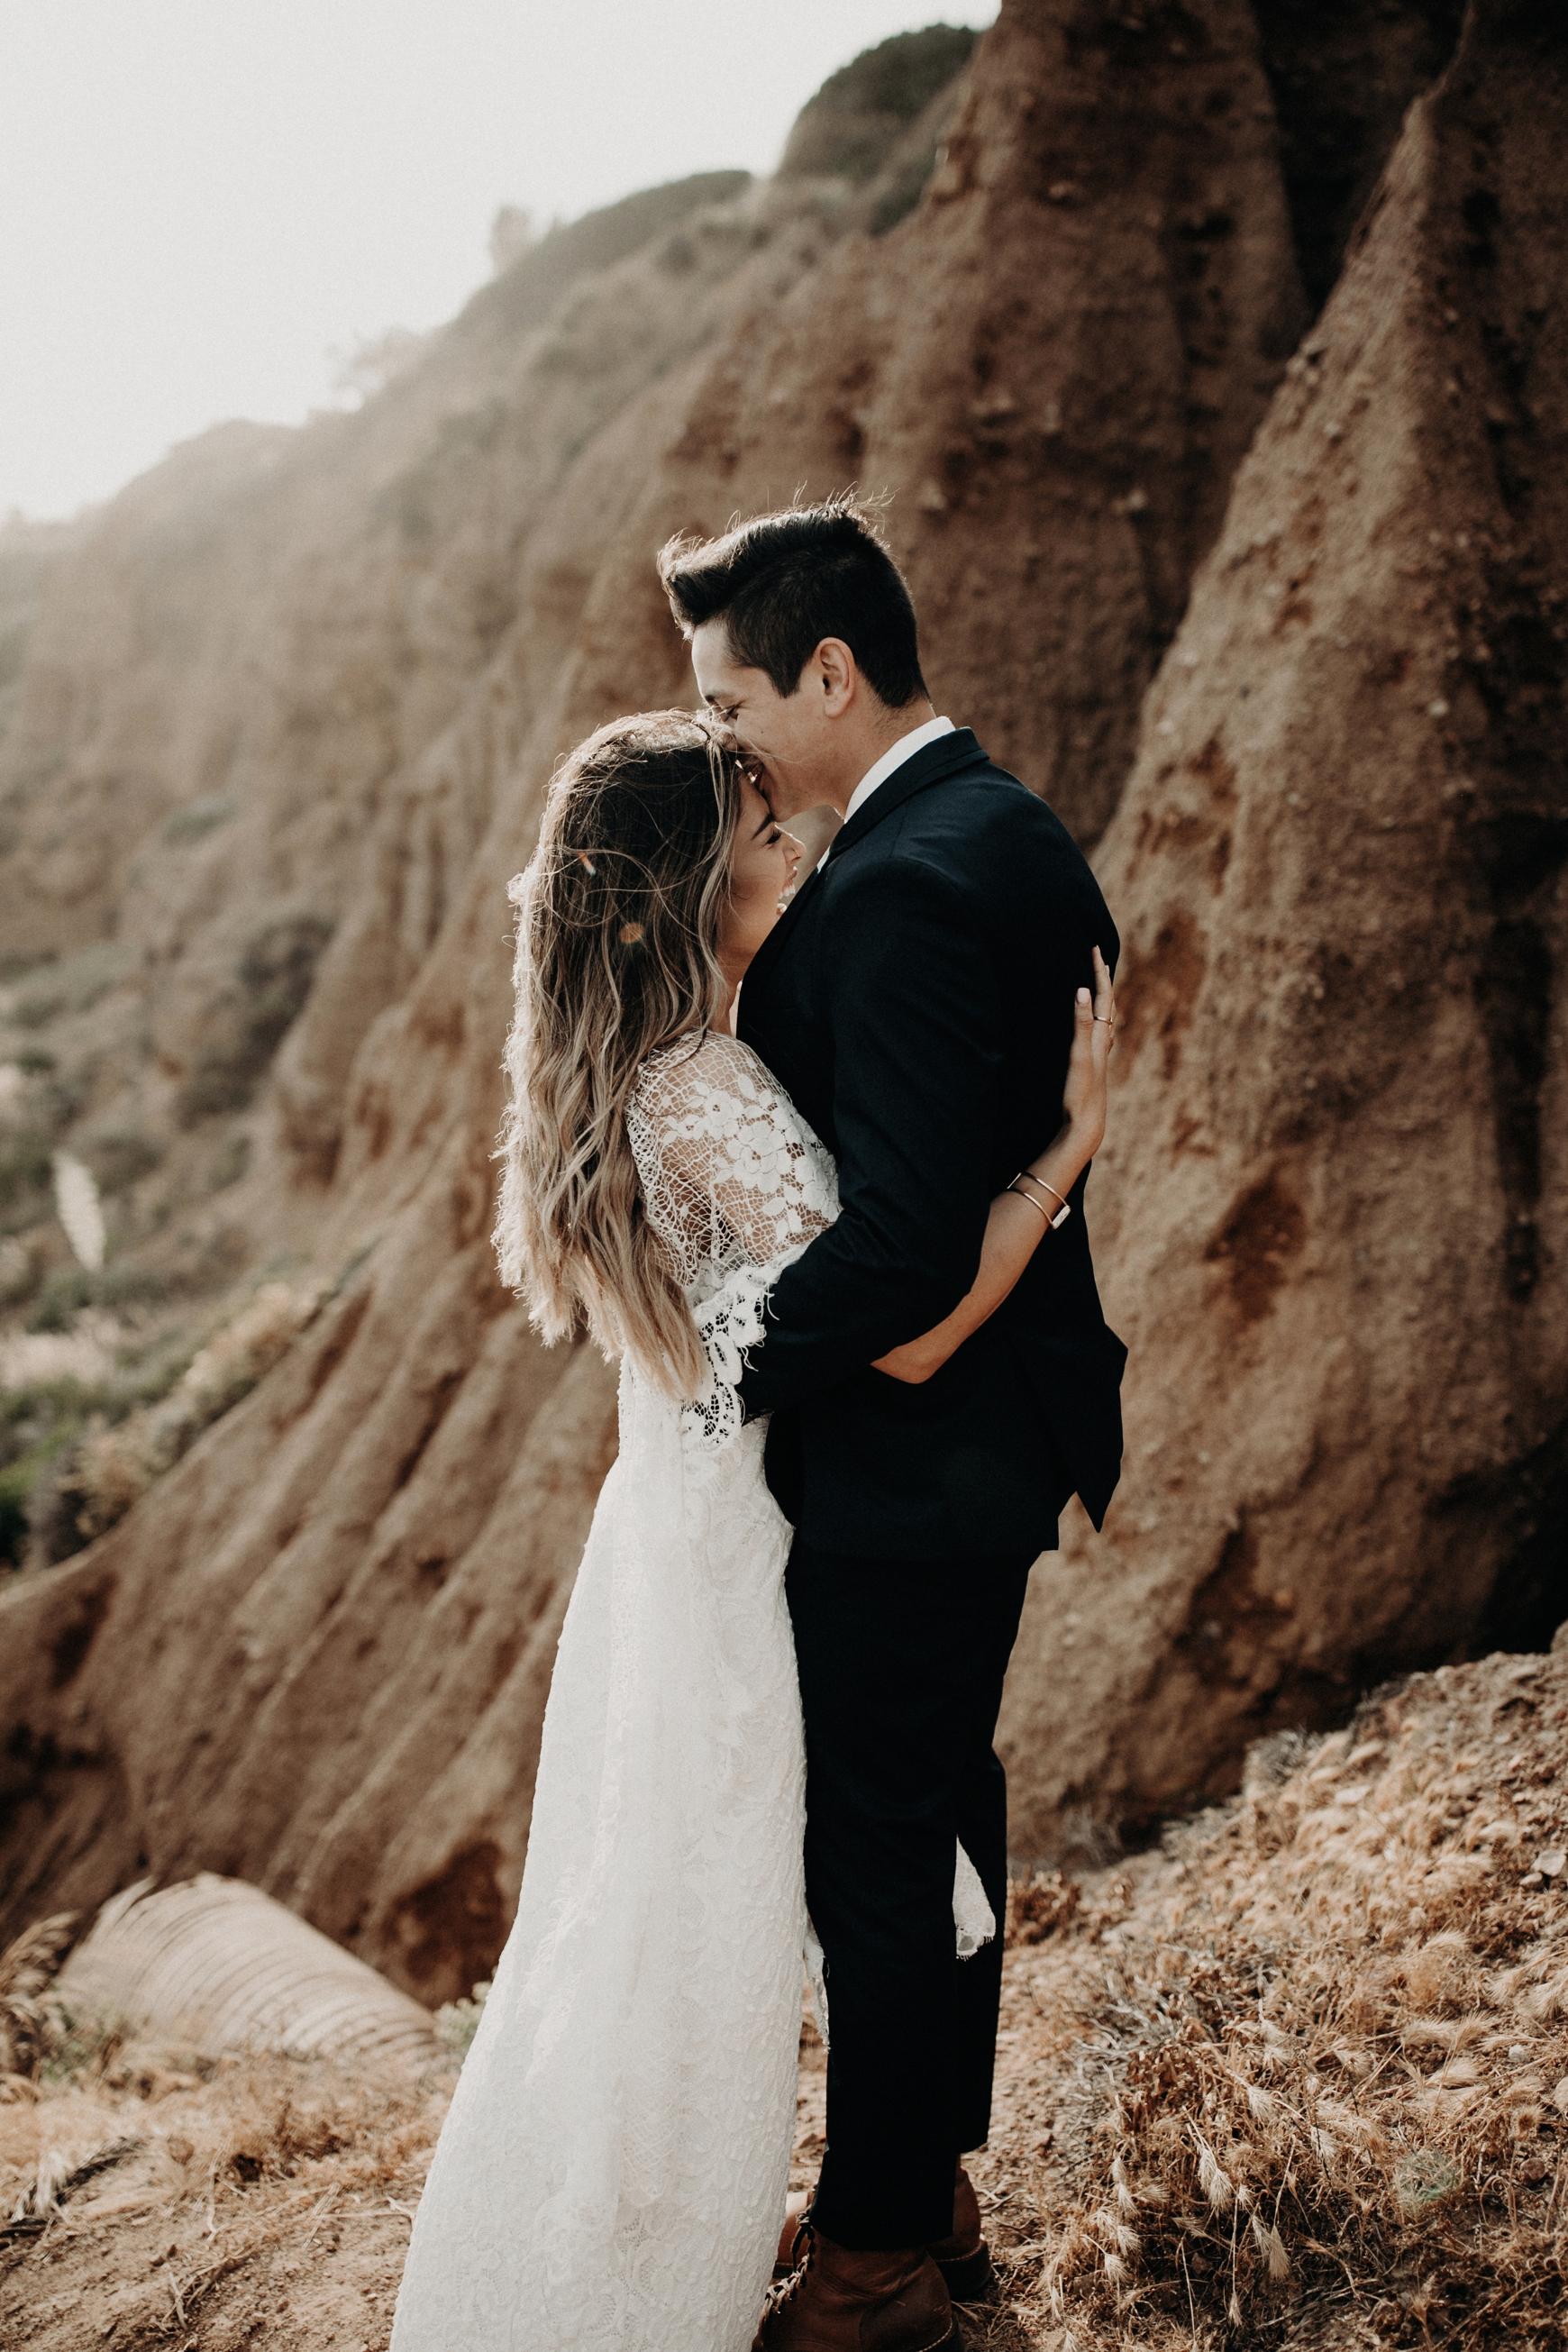 El Matador Beach Bridal Portraits Justellen & TJ Emily Magers Photography-151Emily Magers Photography.jpg